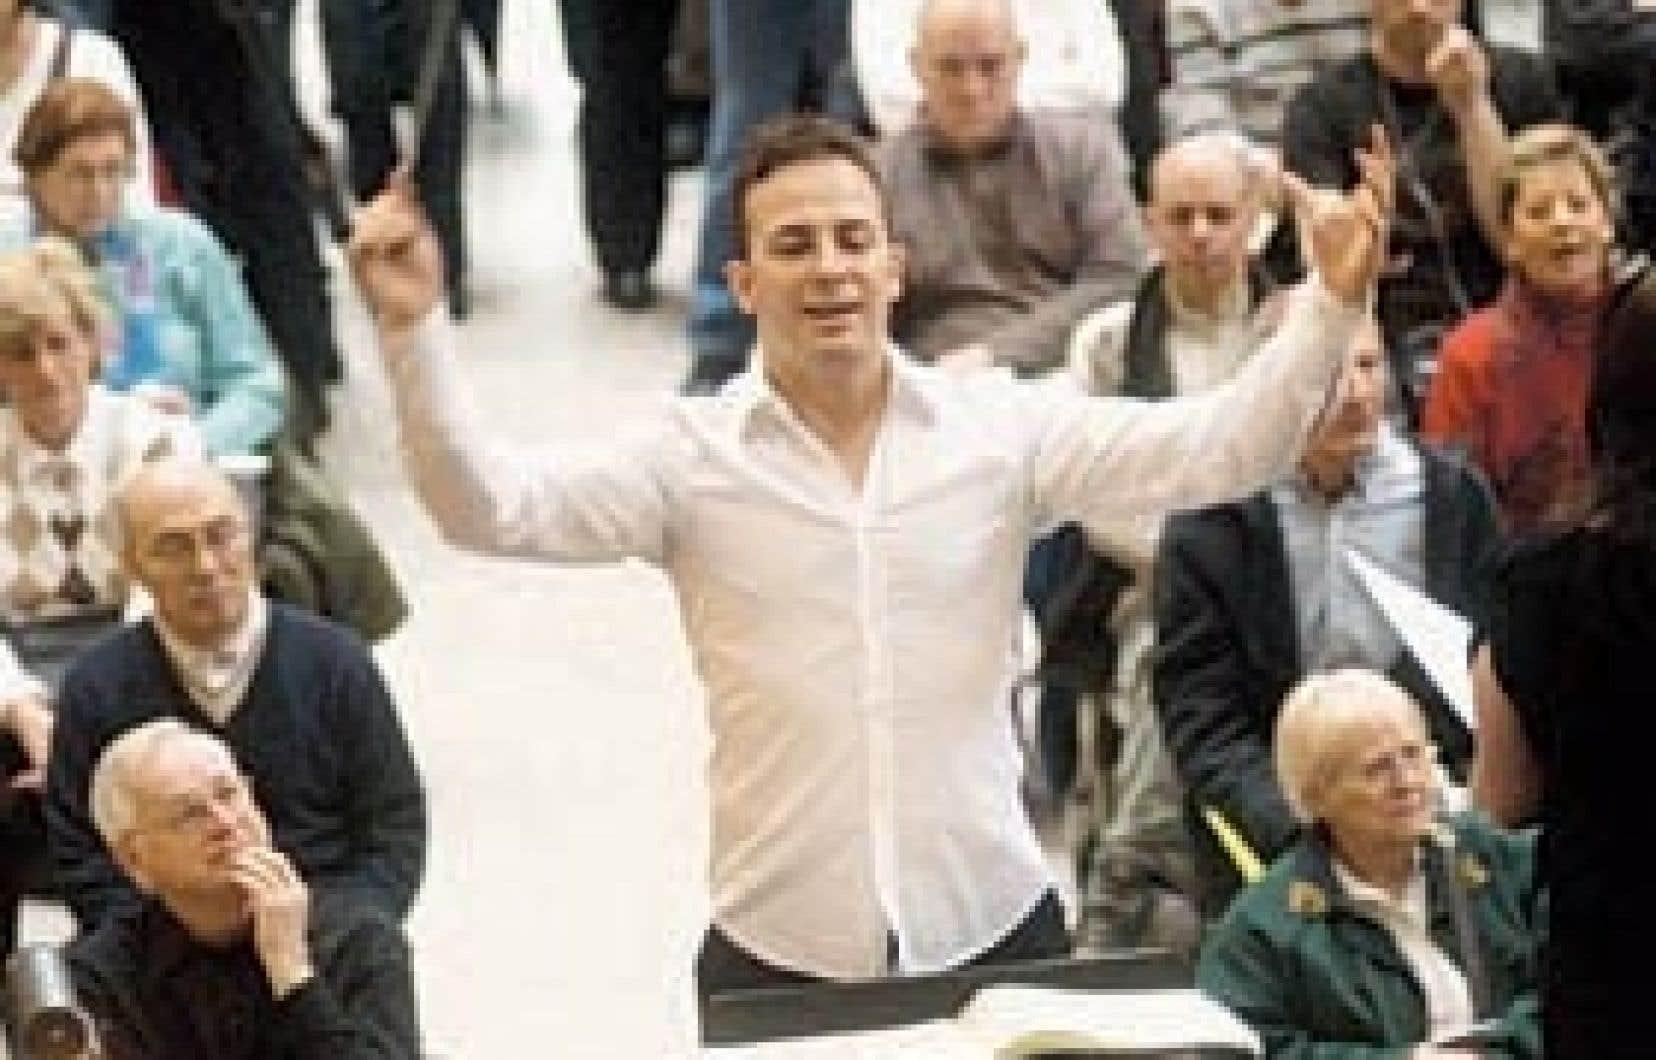 Le directeur artistique et chef principal de l'Orchestre Métropolitain, Yannick Nézet-Séguin, qui célébrera son dixième anniversaire dans ses fonctions, promet un début de saison fulgurant.